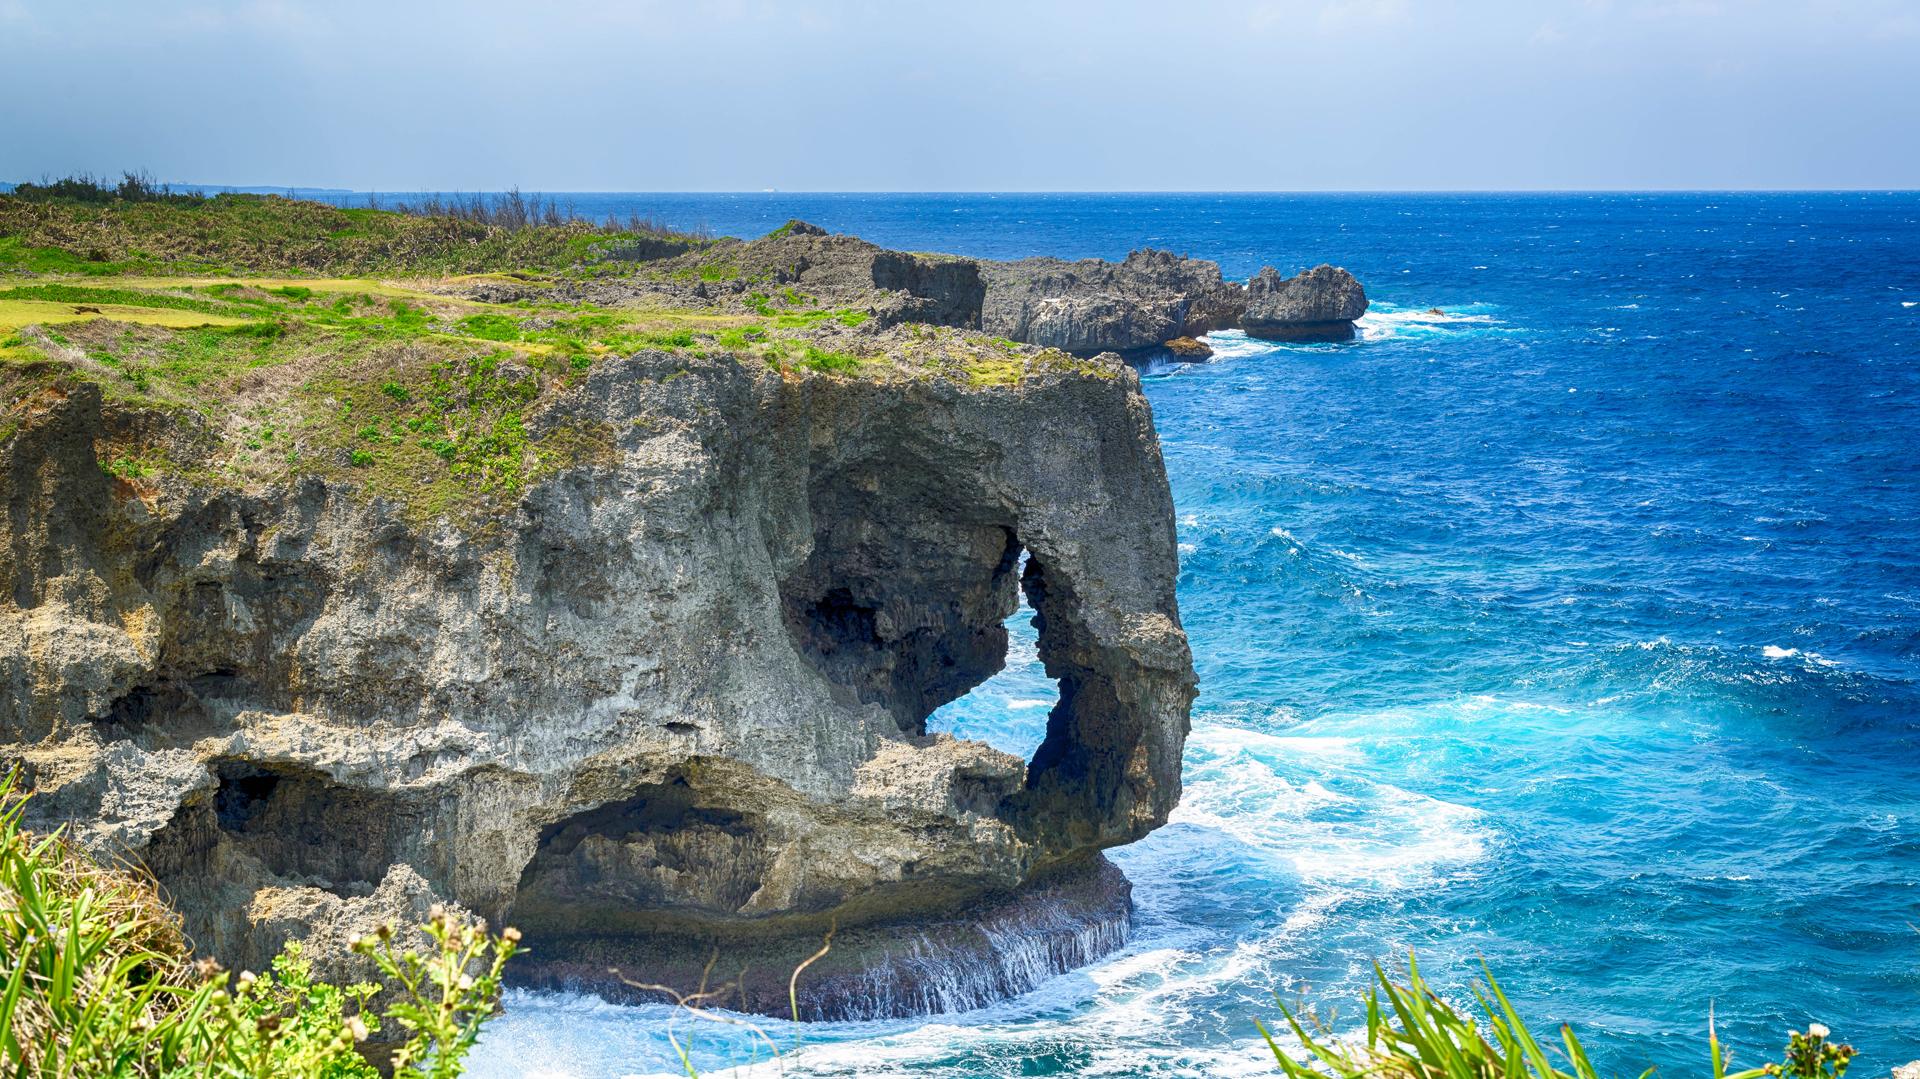 Okinawa, un destino paradisíaco de islas subtropicales (istock)